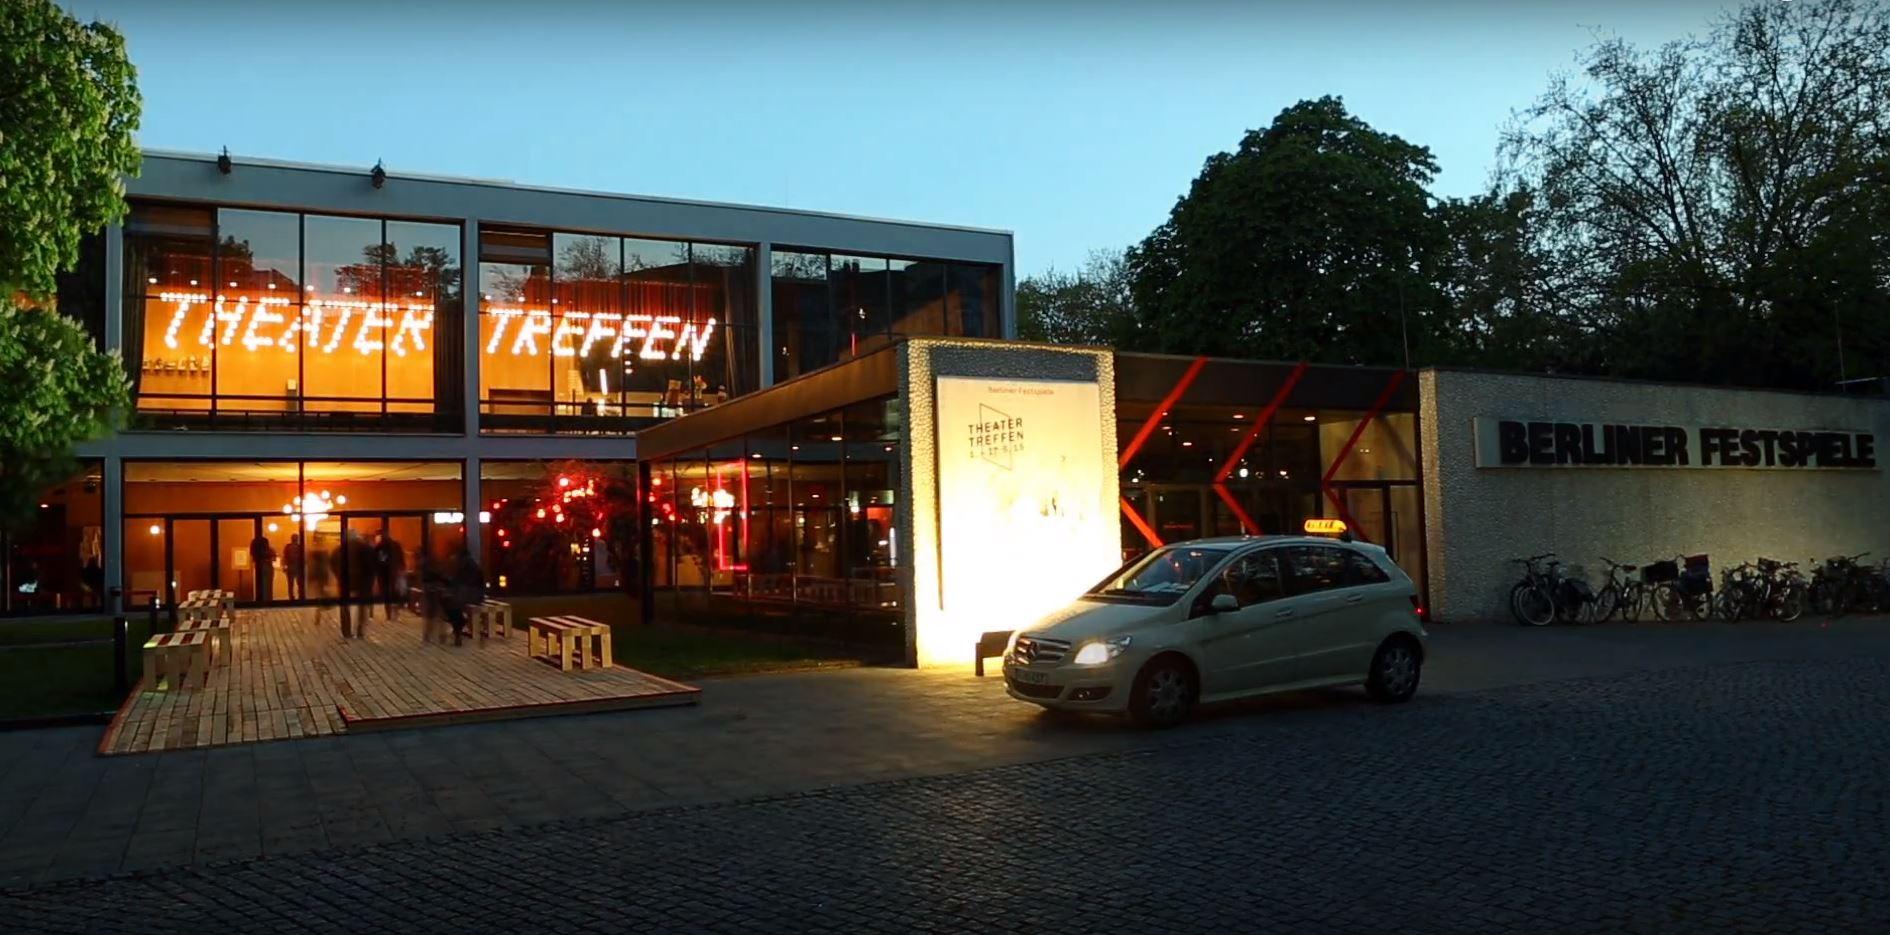 Berliner Festspielhaus Theatertreffen 2015